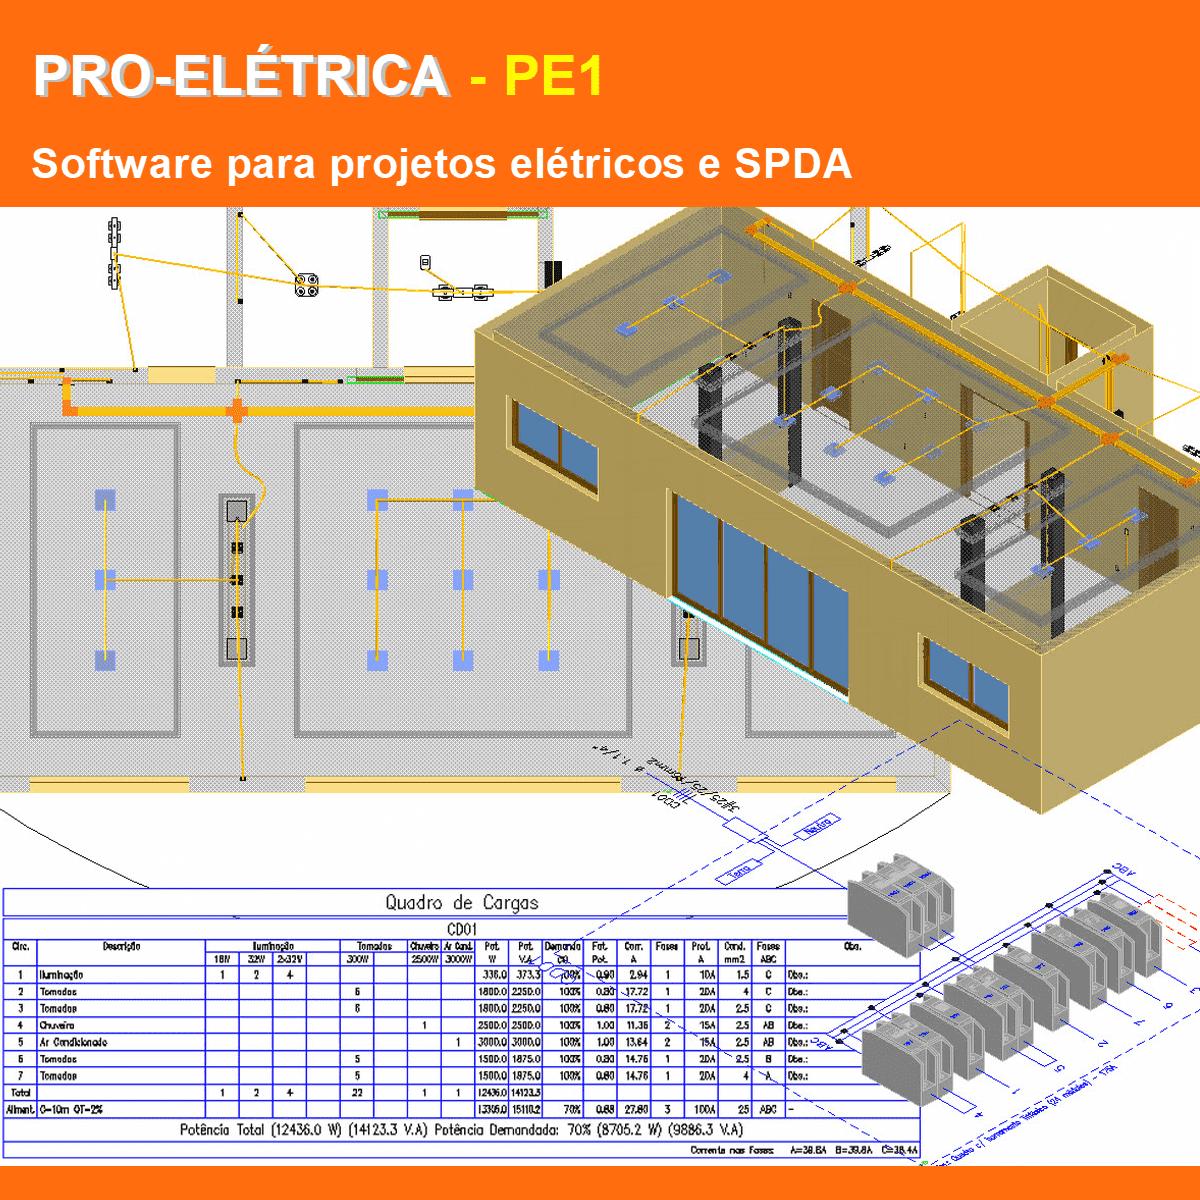 Software PRO-Elétrica versão 18 Pacote PE1 incluindo Detalhamento, Dimensionamento, Cabeamento Estruturado, SPDA, Automação Residencial, Loteamentos e Instalação Fotovoltaica  - MULTIPLUS SOFTWARES